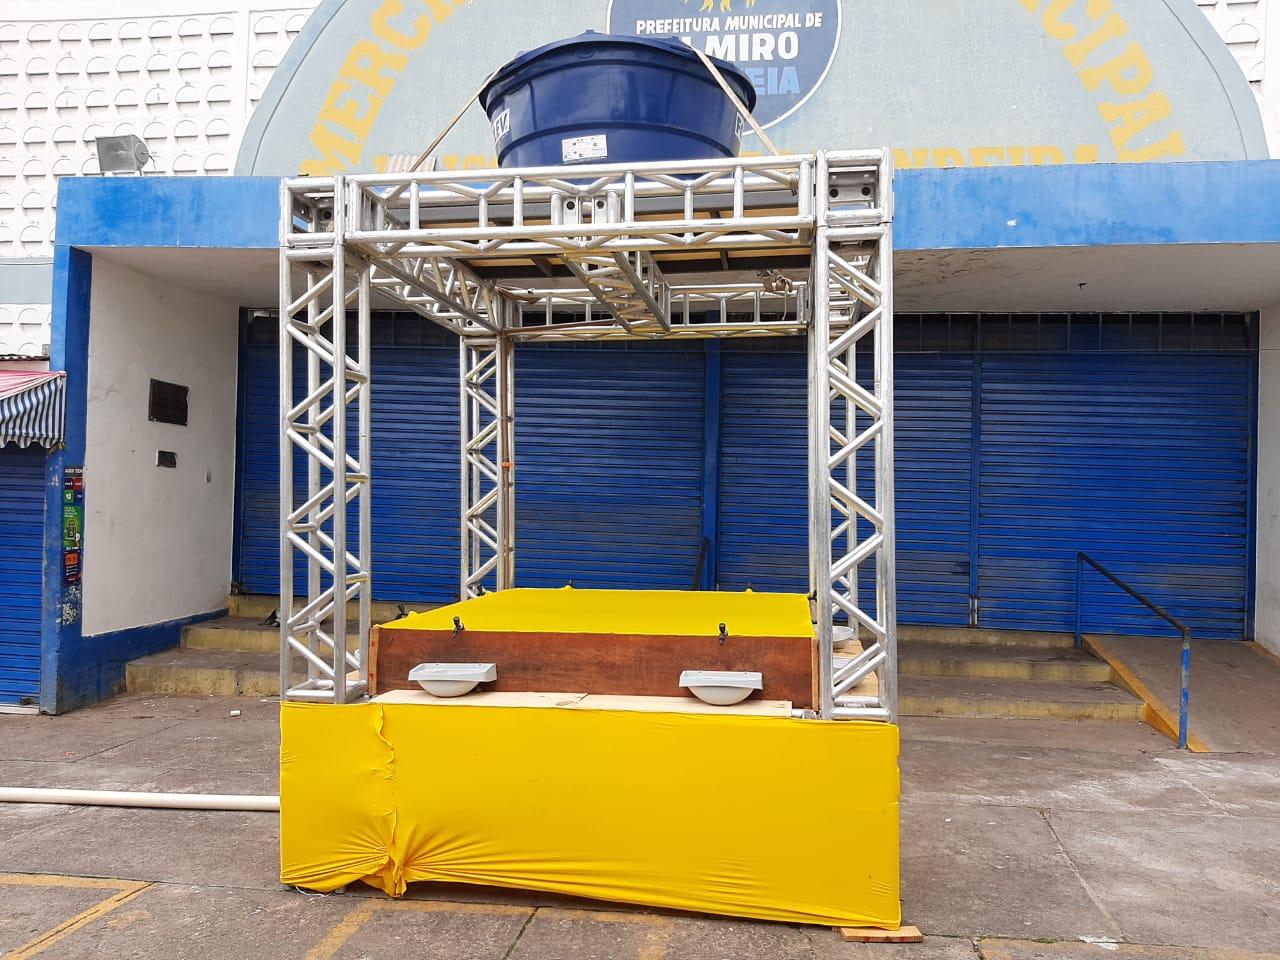 Prefeitura de Delmiro Gouveia instala novos lavatórios na área do Mercado Público e Feira Livre